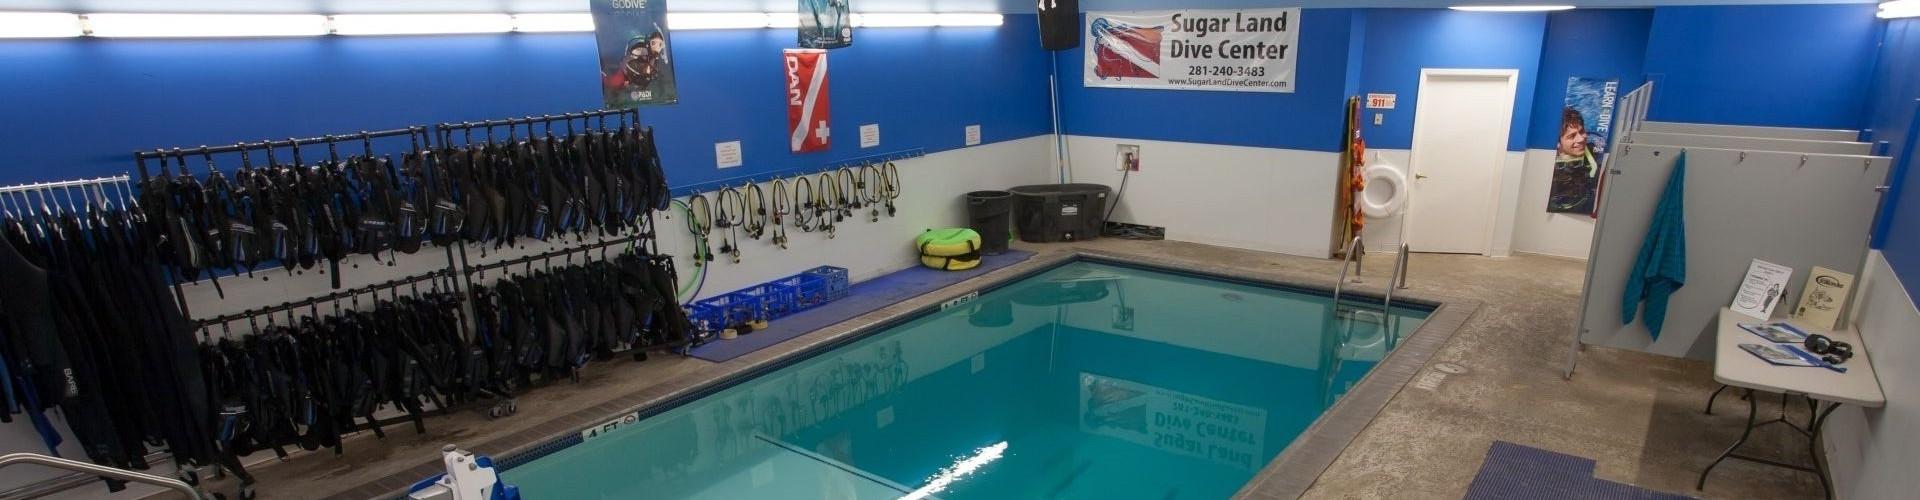 Sugar Land Dive Center Pool